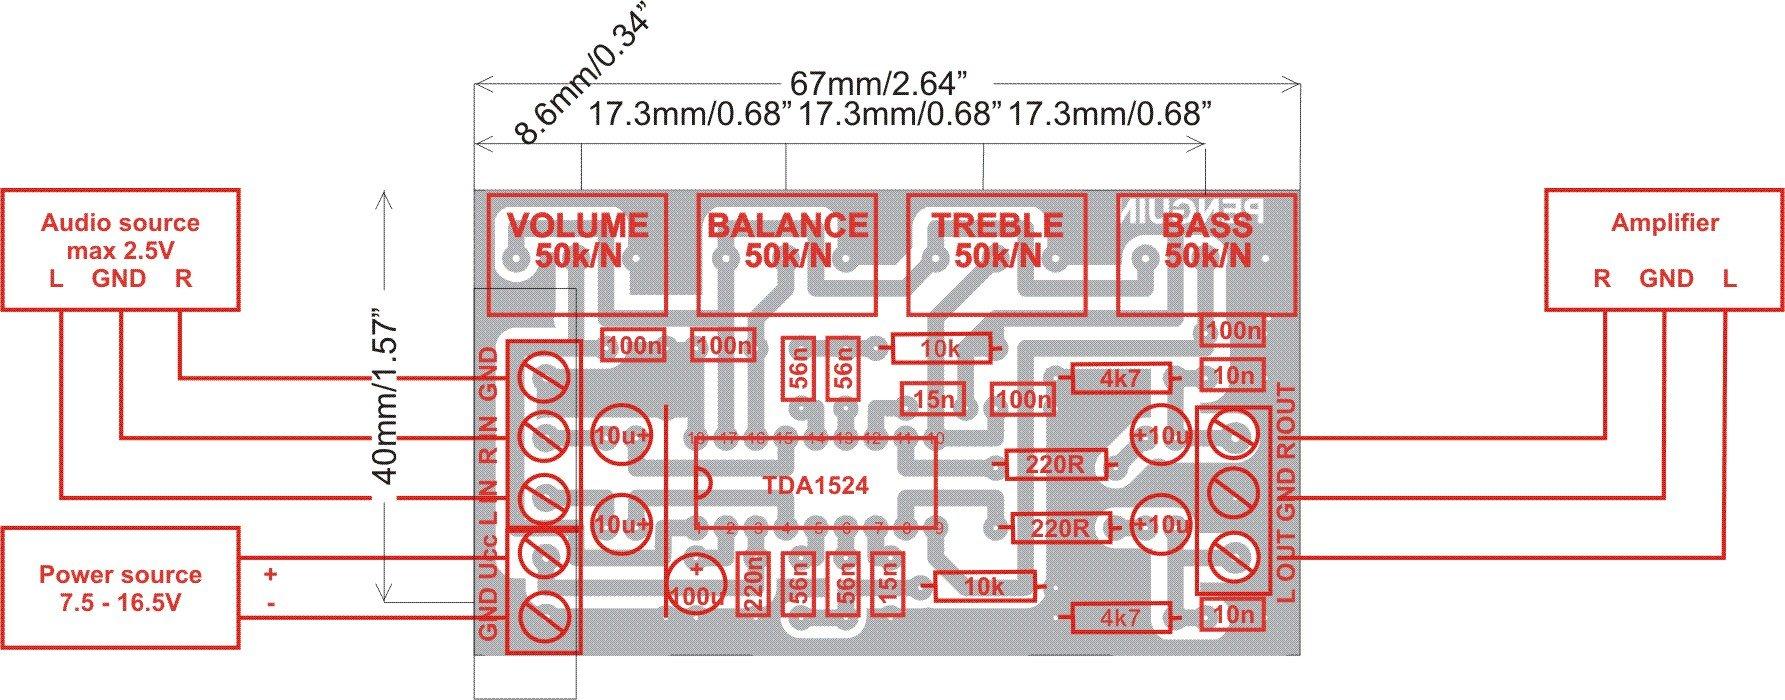 регулятор баланса звука схема